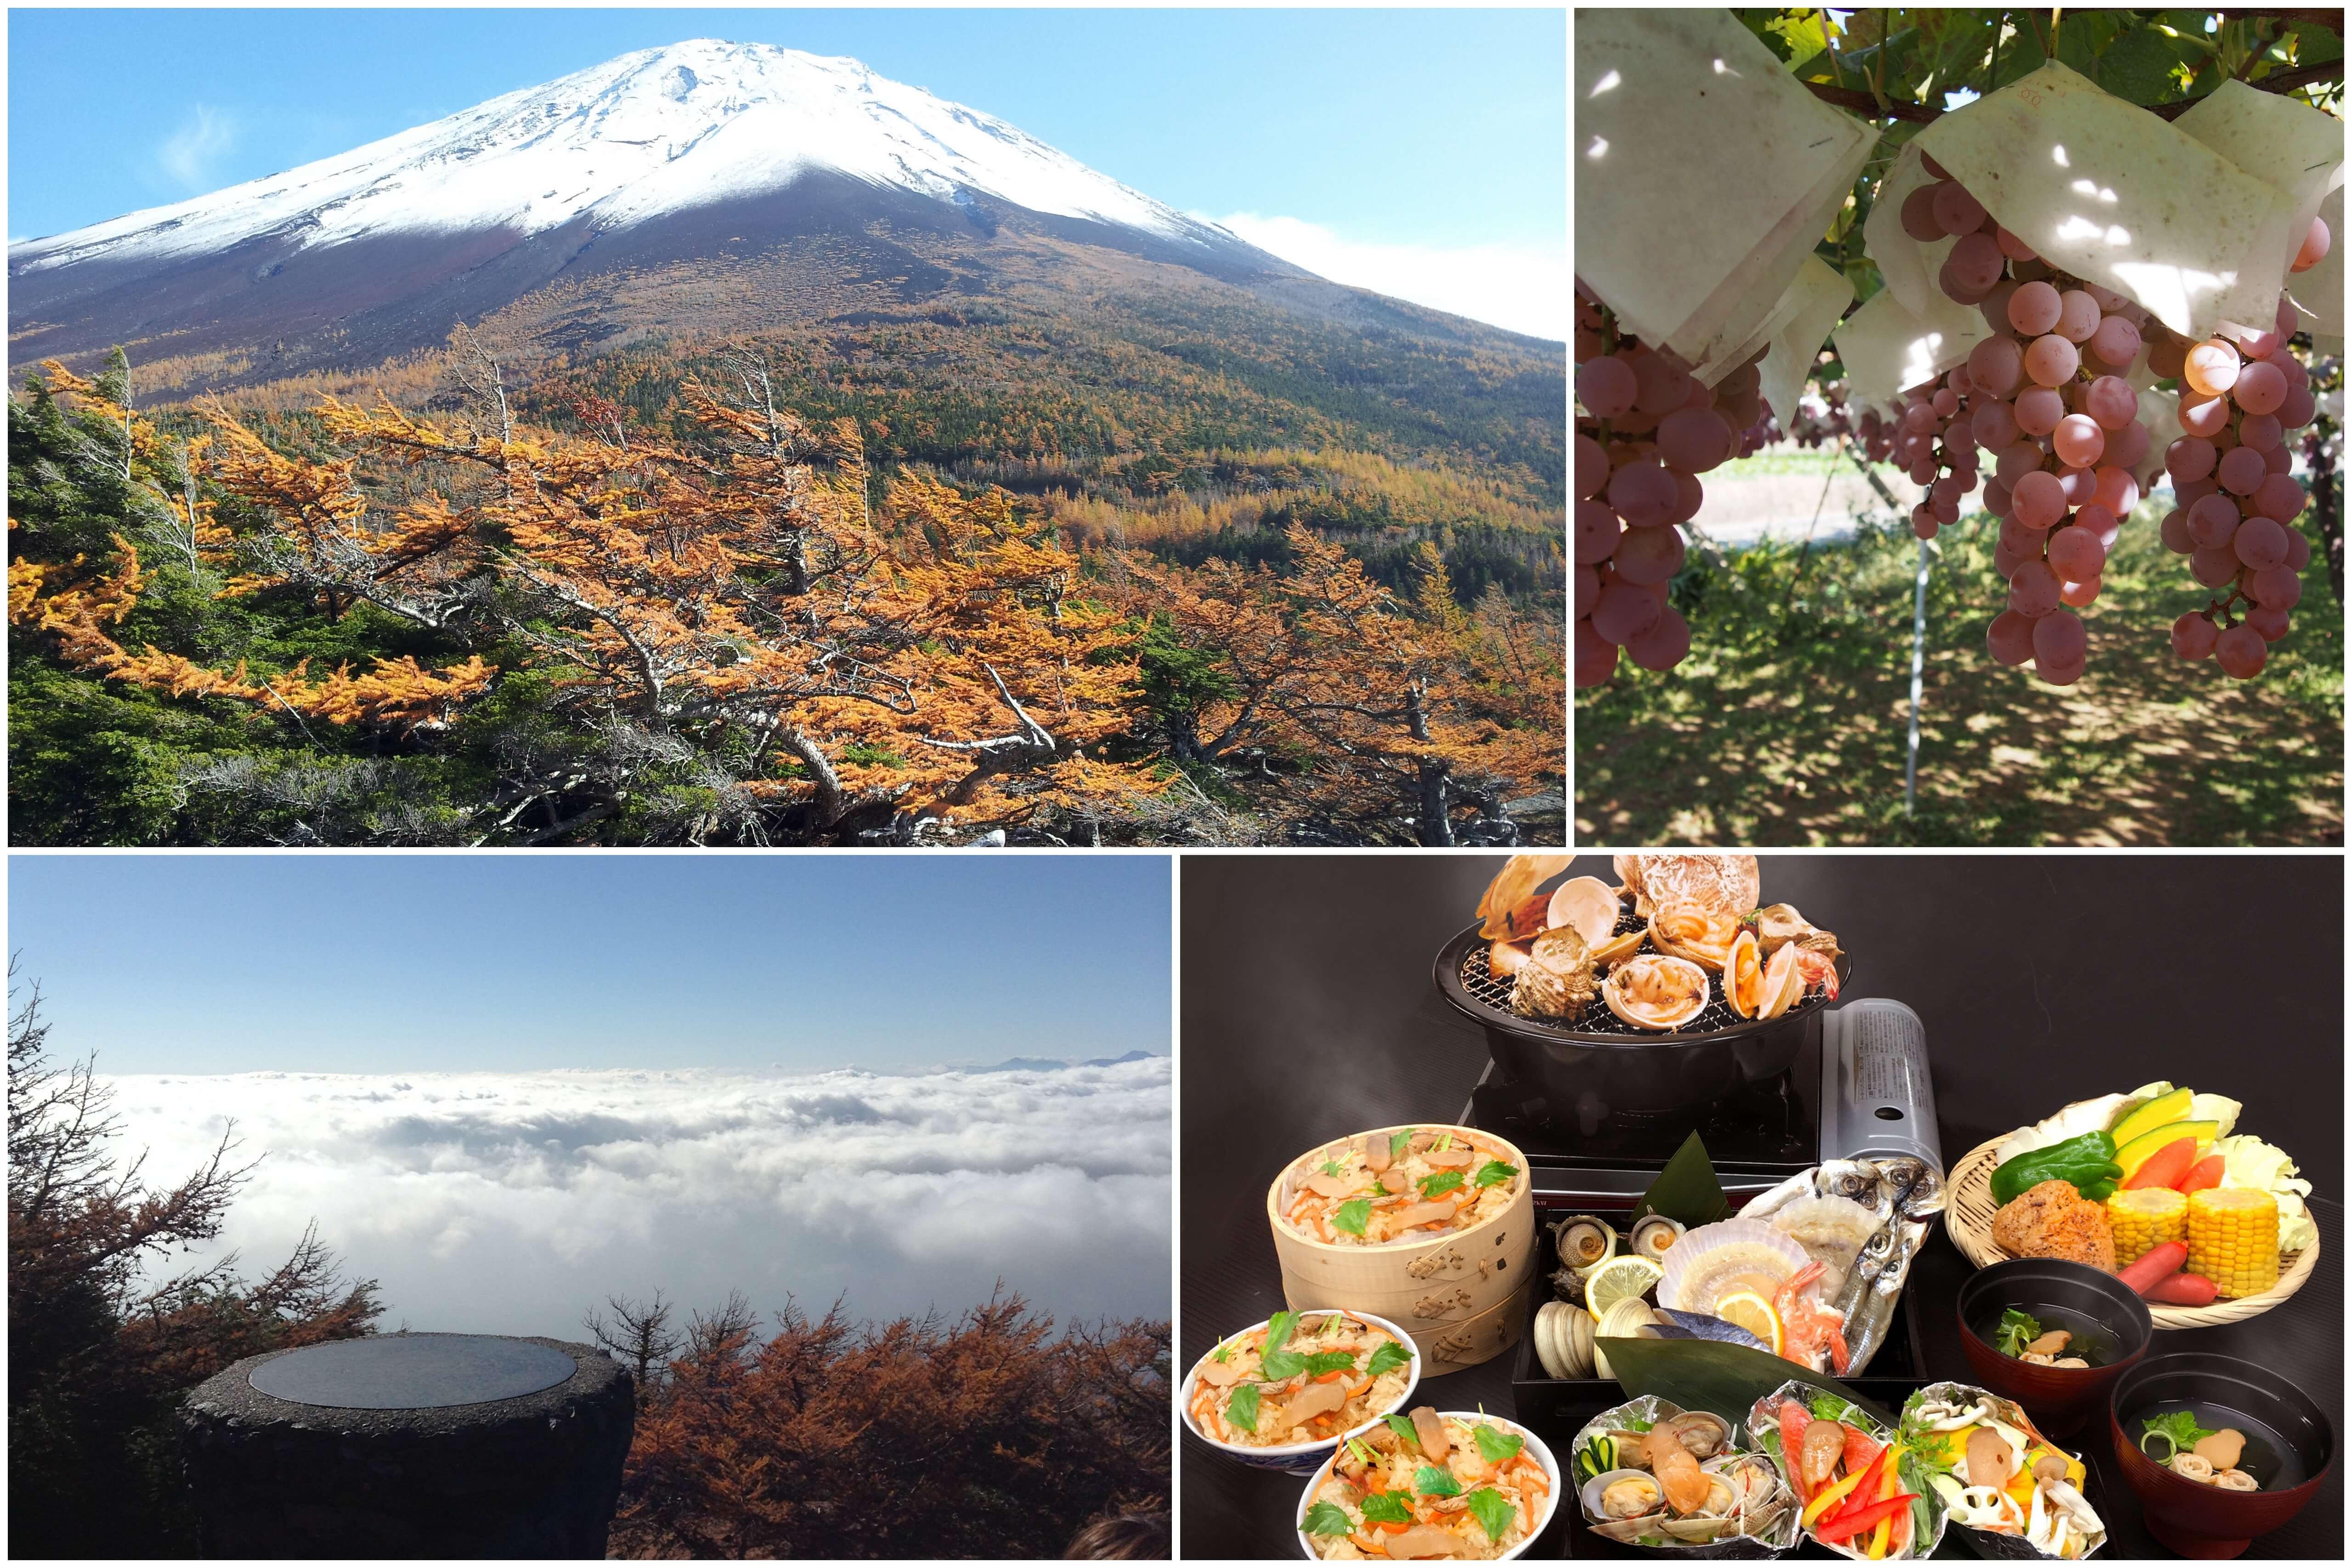 富士山紅葉ドライブ 富士山奥庭の絶景紅葉と雲上の五合目散策・松茸料理&海鮮浜焼き食べ放題ランチに秋の味覚ぶどう狩り